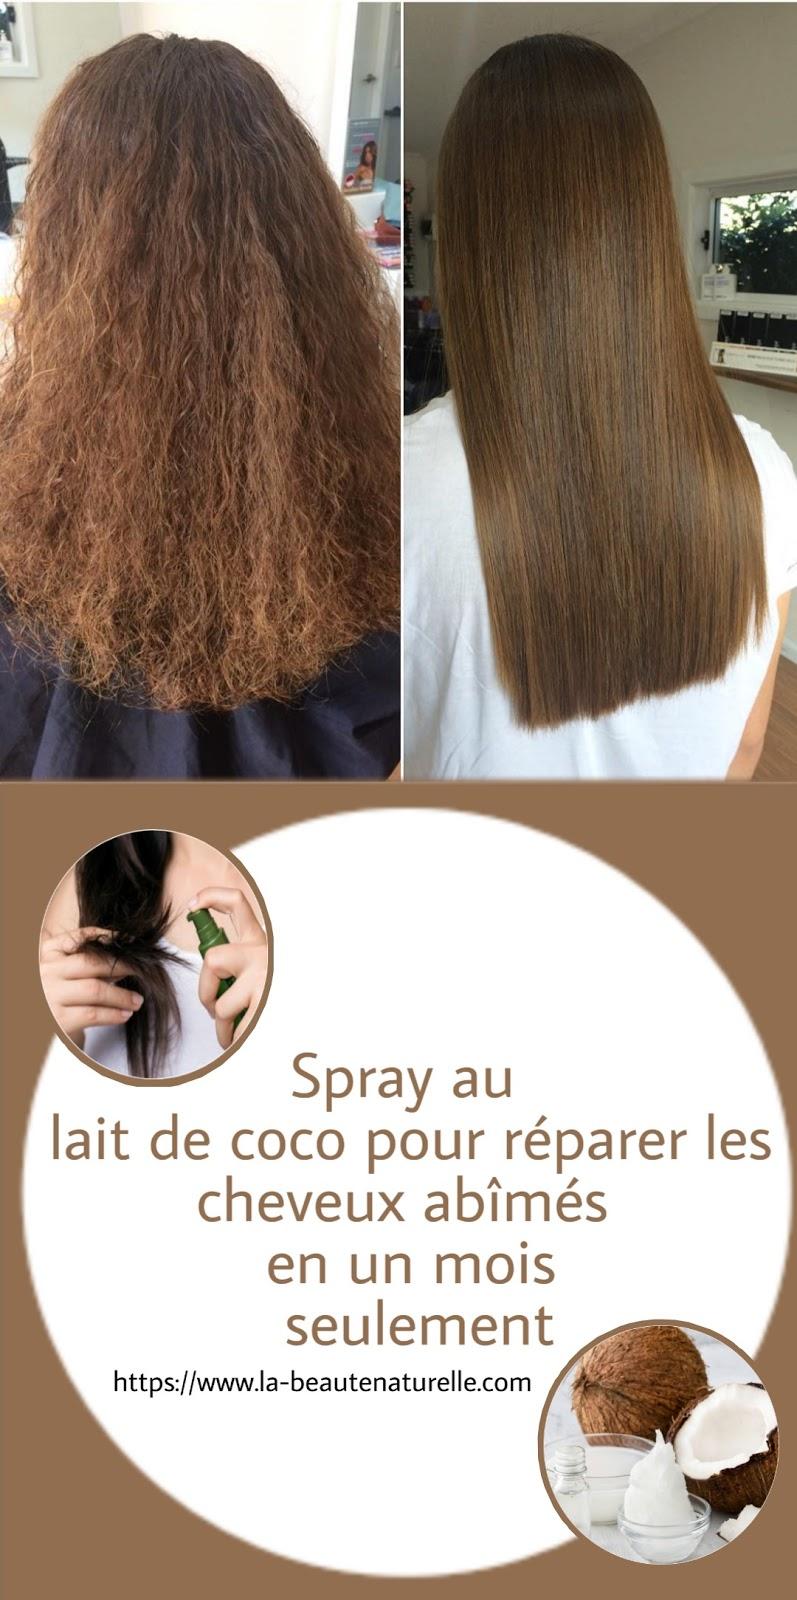 Spray au lait de coco pour réparer les cheveux abîmés en un mois seulement